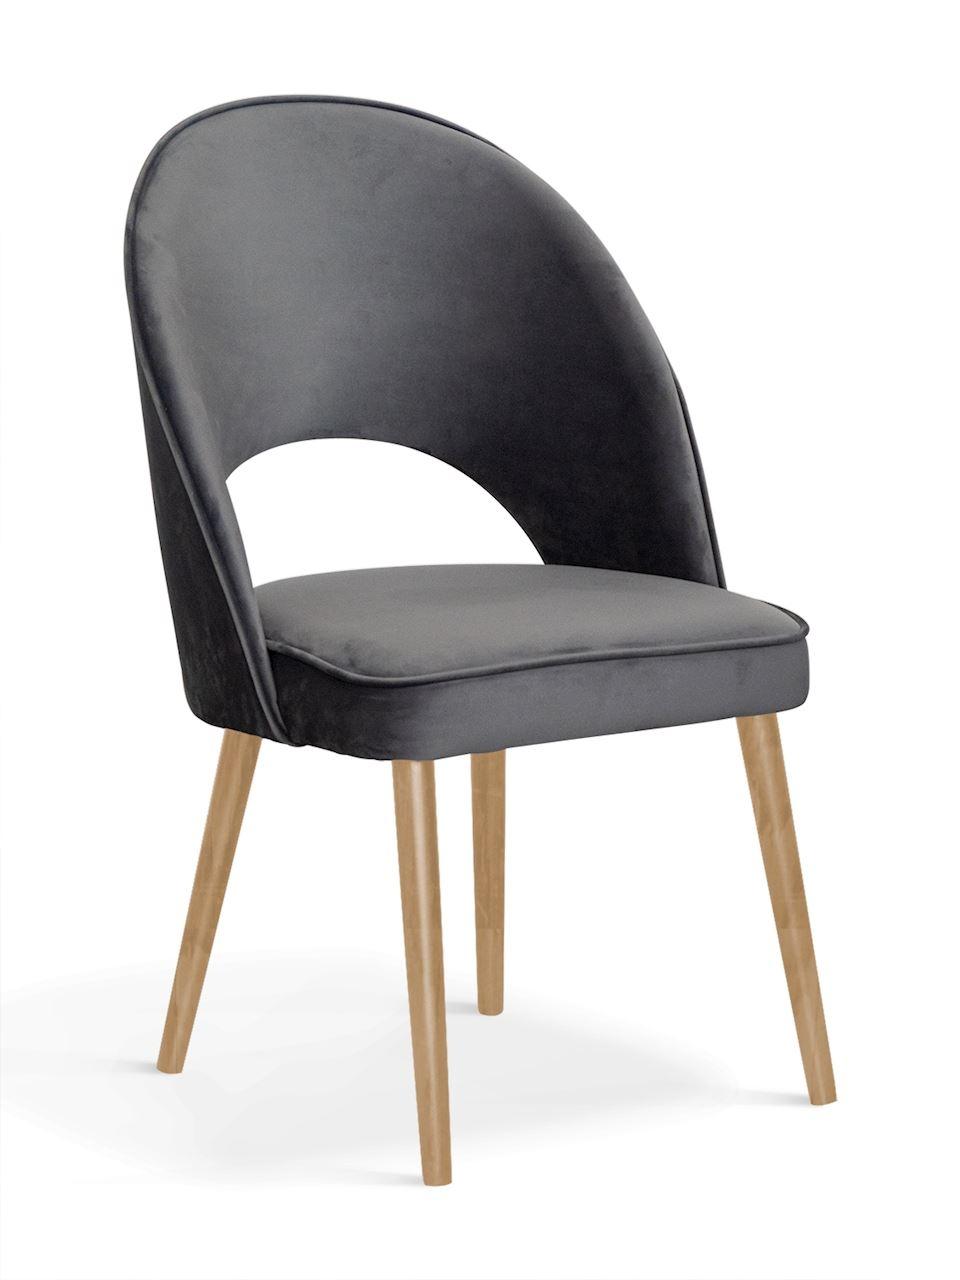 Scaun tapitat cu stofa, cu picioare din lemn Ponte II Gri / Stejar, l54xA63xH89 cm